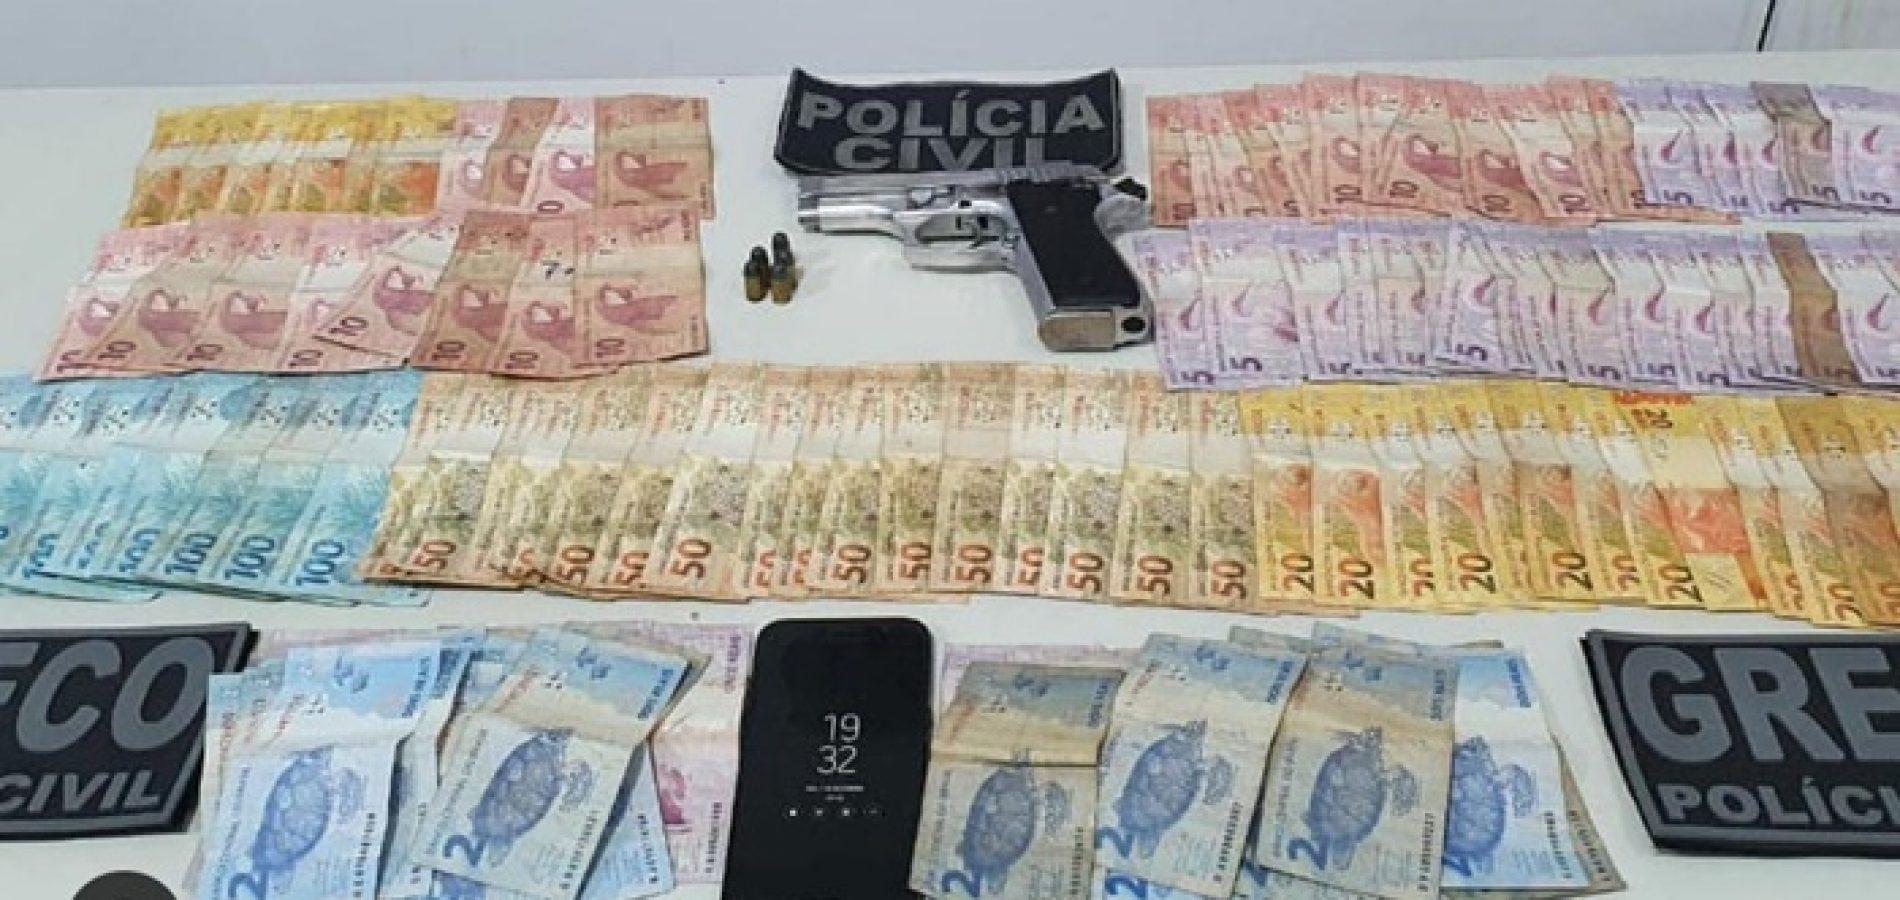 Greco prende cinco acusados de roubos a bancos no Piauí